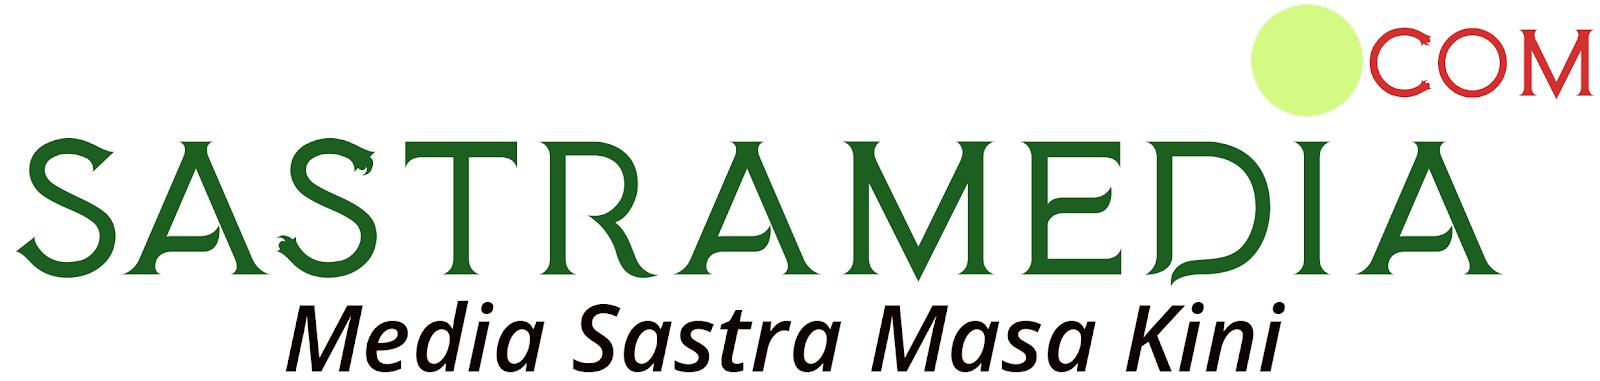 SASTRAMEDIA.COM